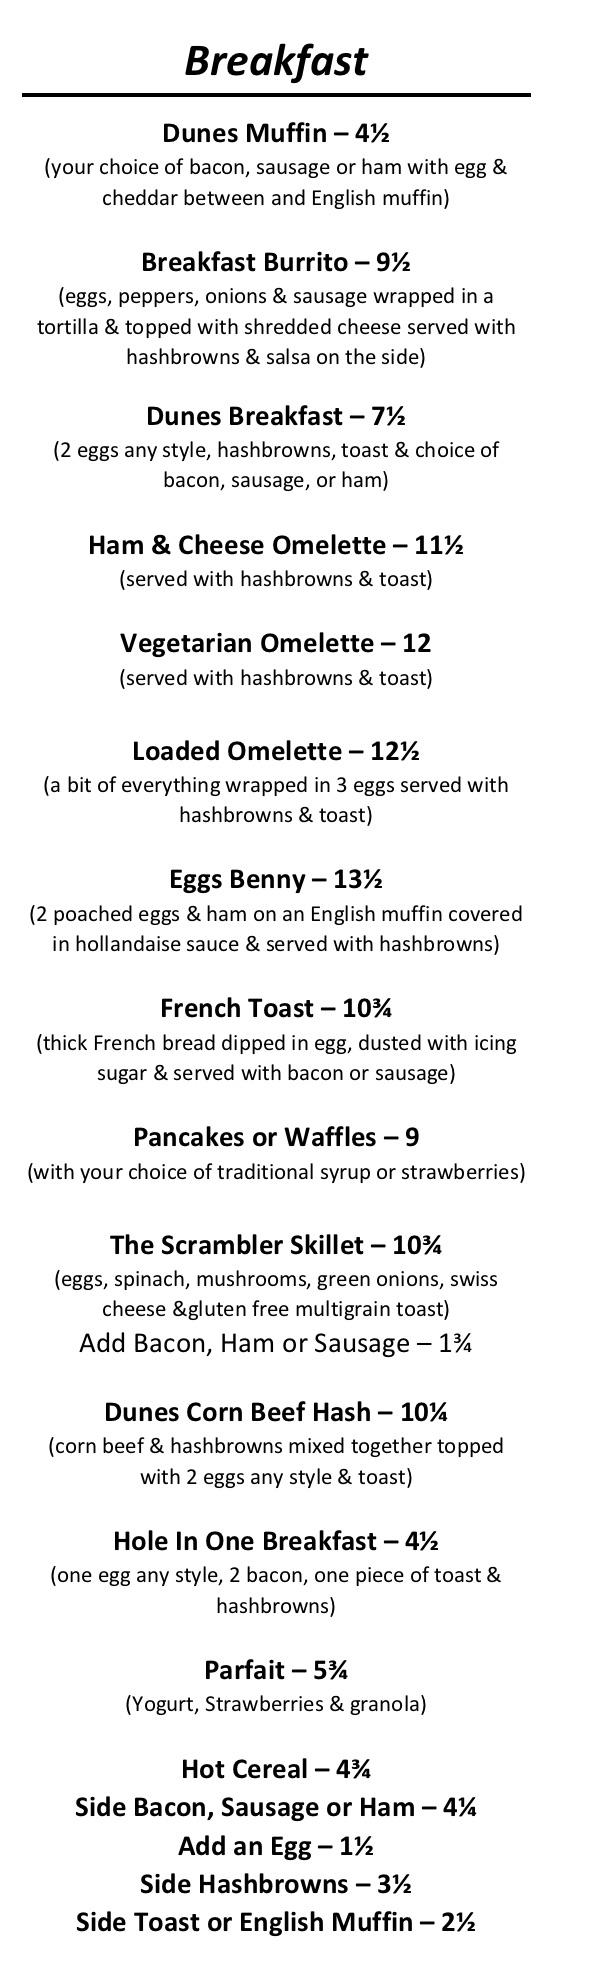 Breakfast2015 2018